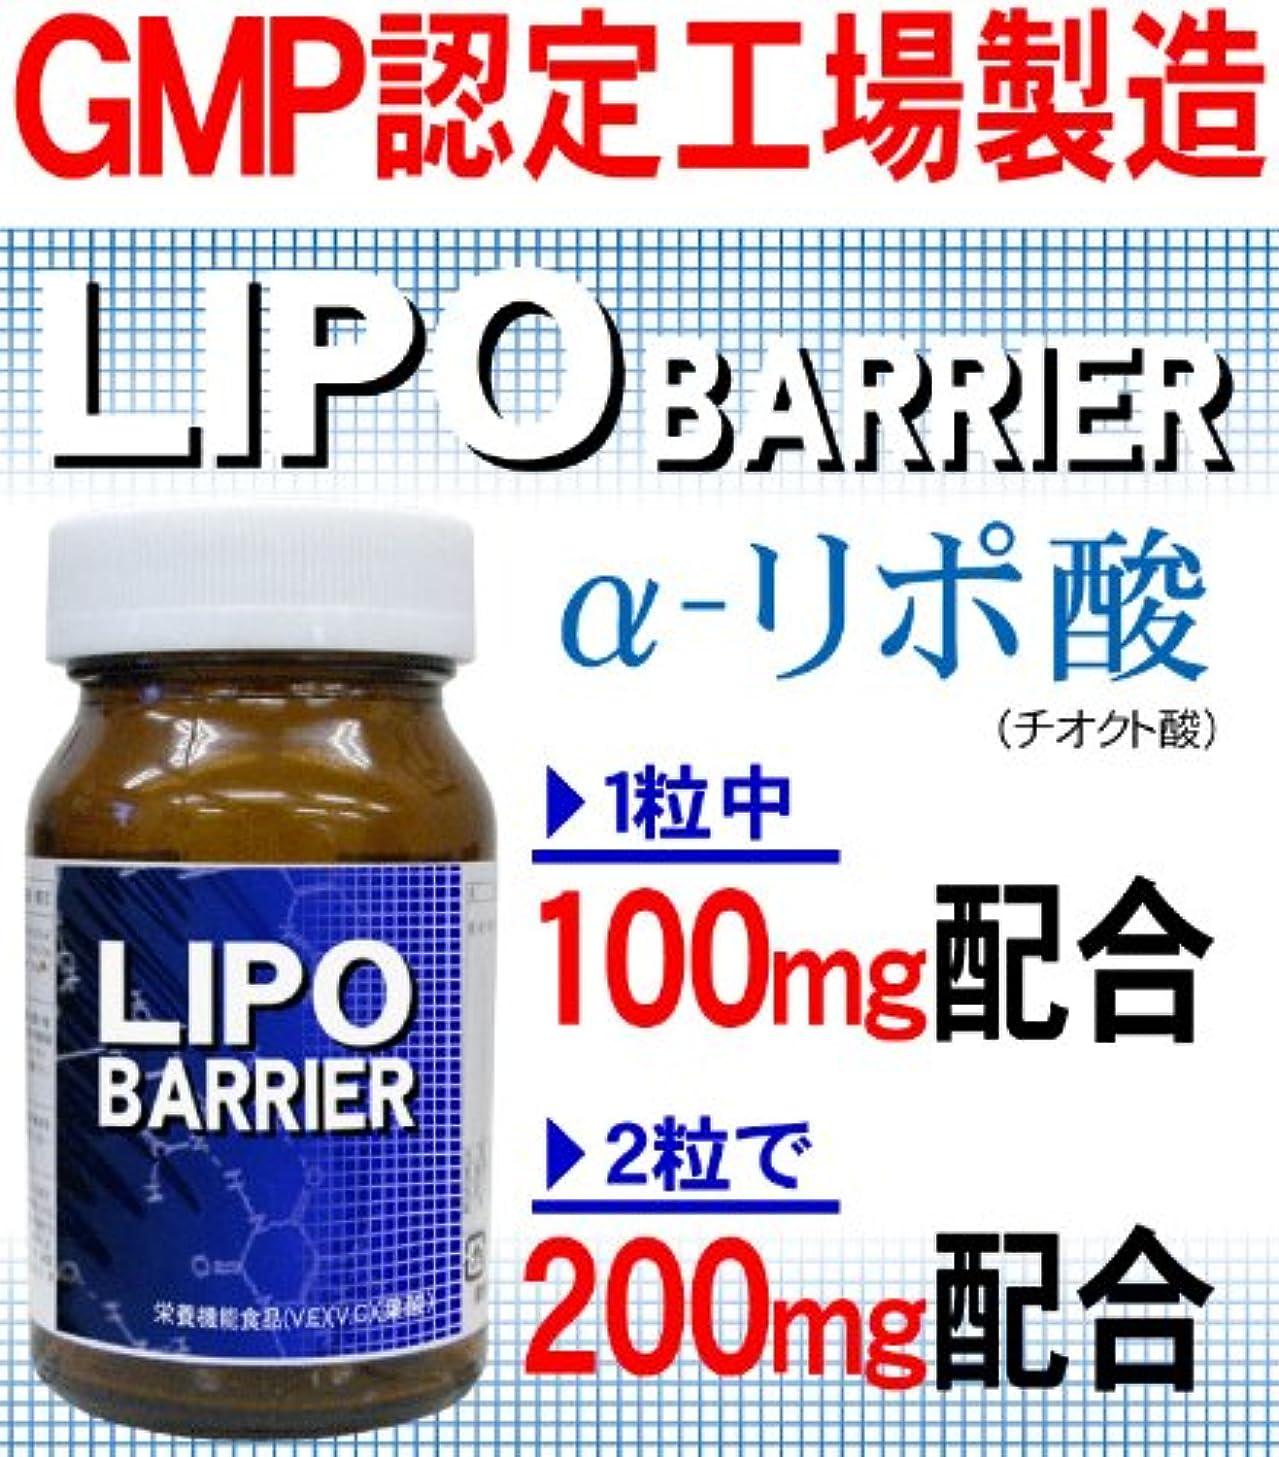 リフト不公平高尚なリポバリア (α-リポ酸、ビタミンE、葉酸配合サプリメント)